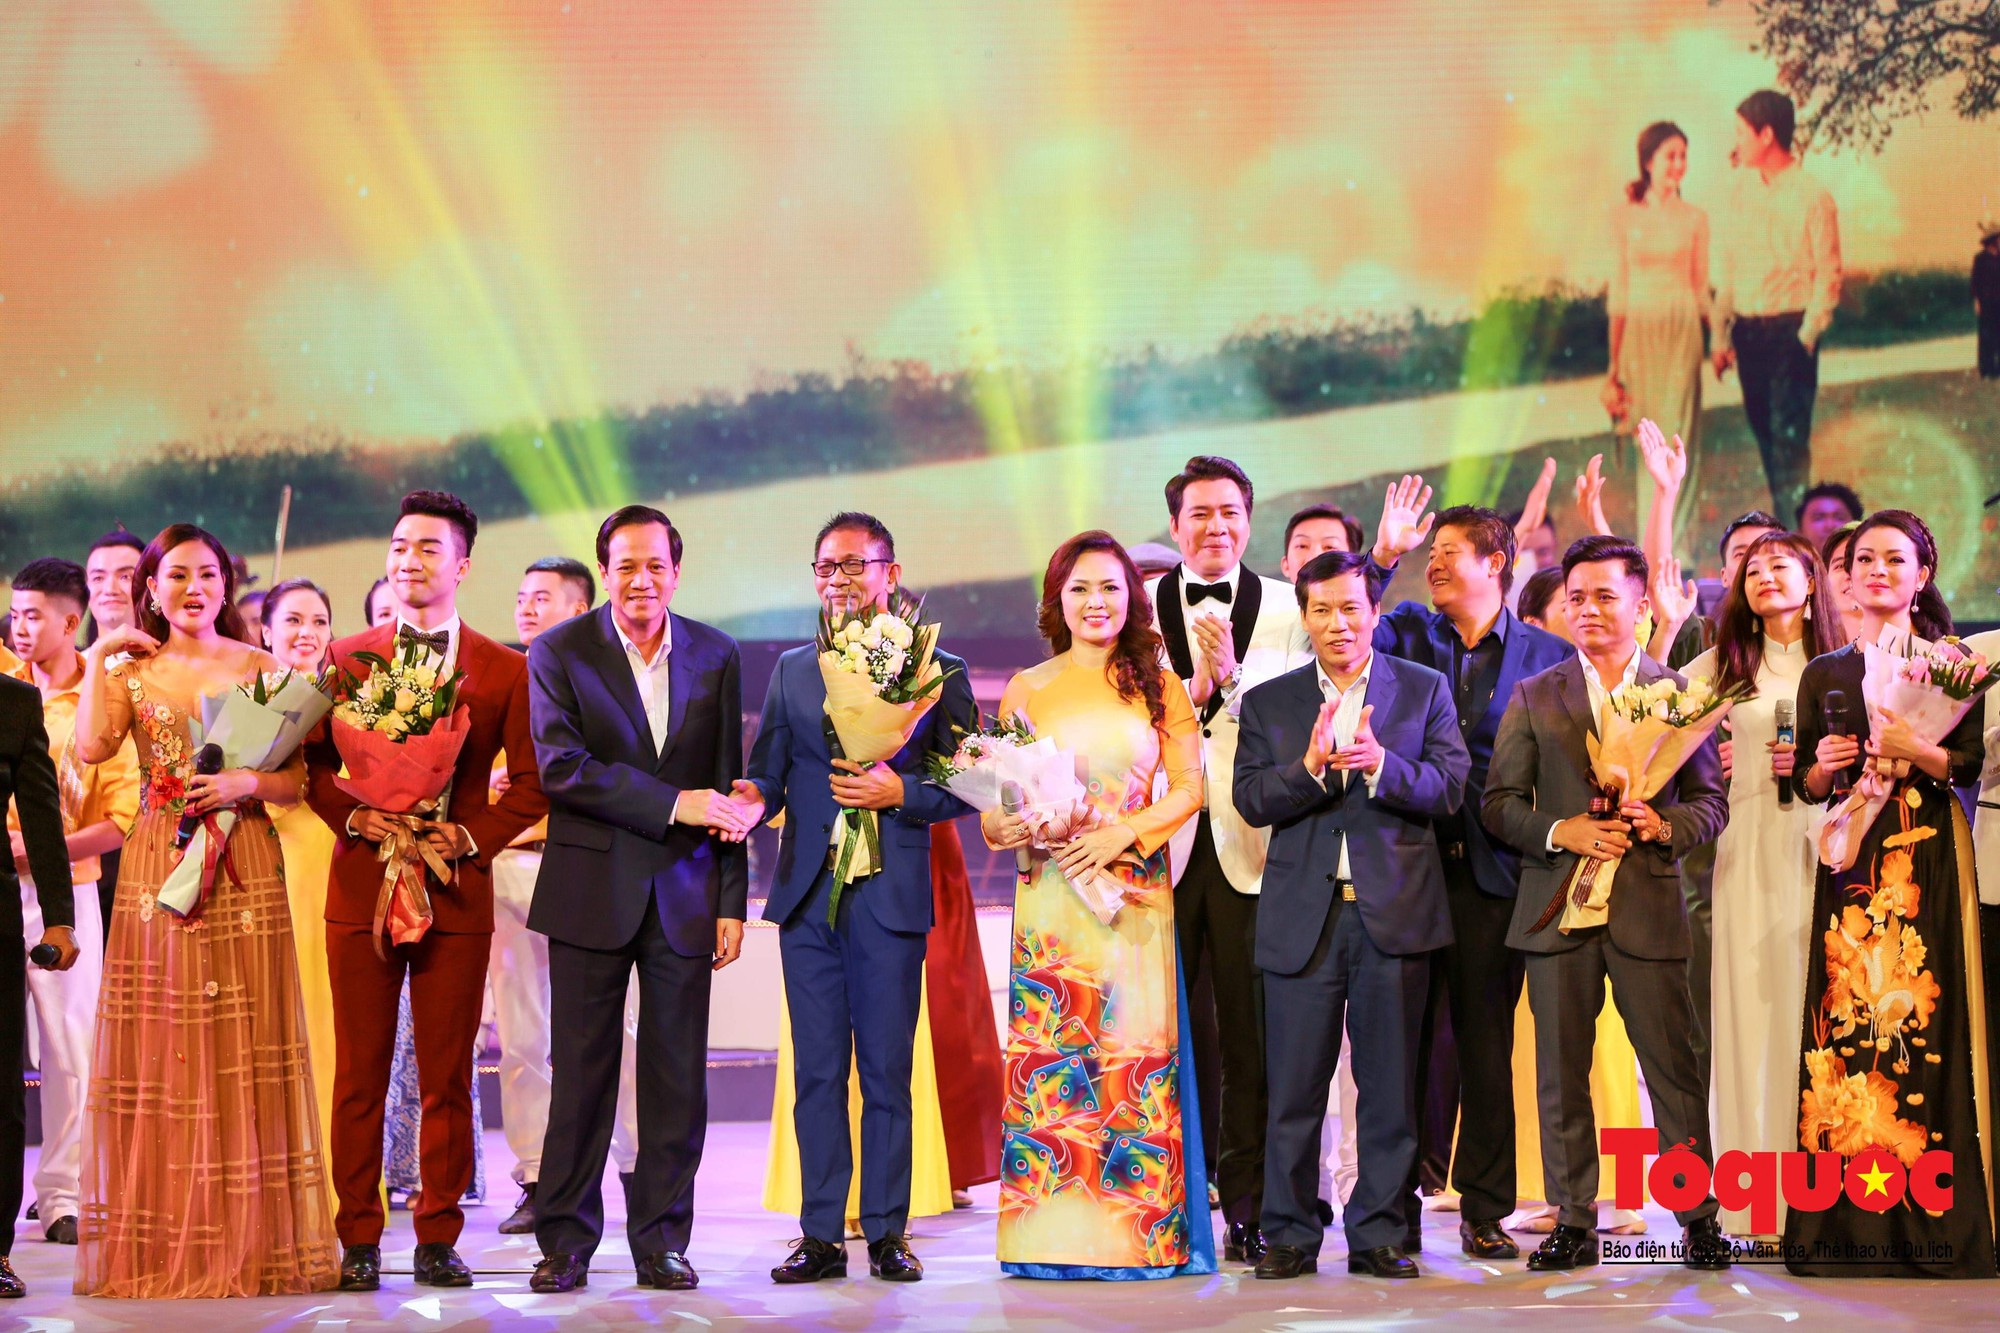 Đặc sắc chương trình nghệ thuật Chiều nắng từ Nhà hát lớn Hà Nội  - Ảnh 2.